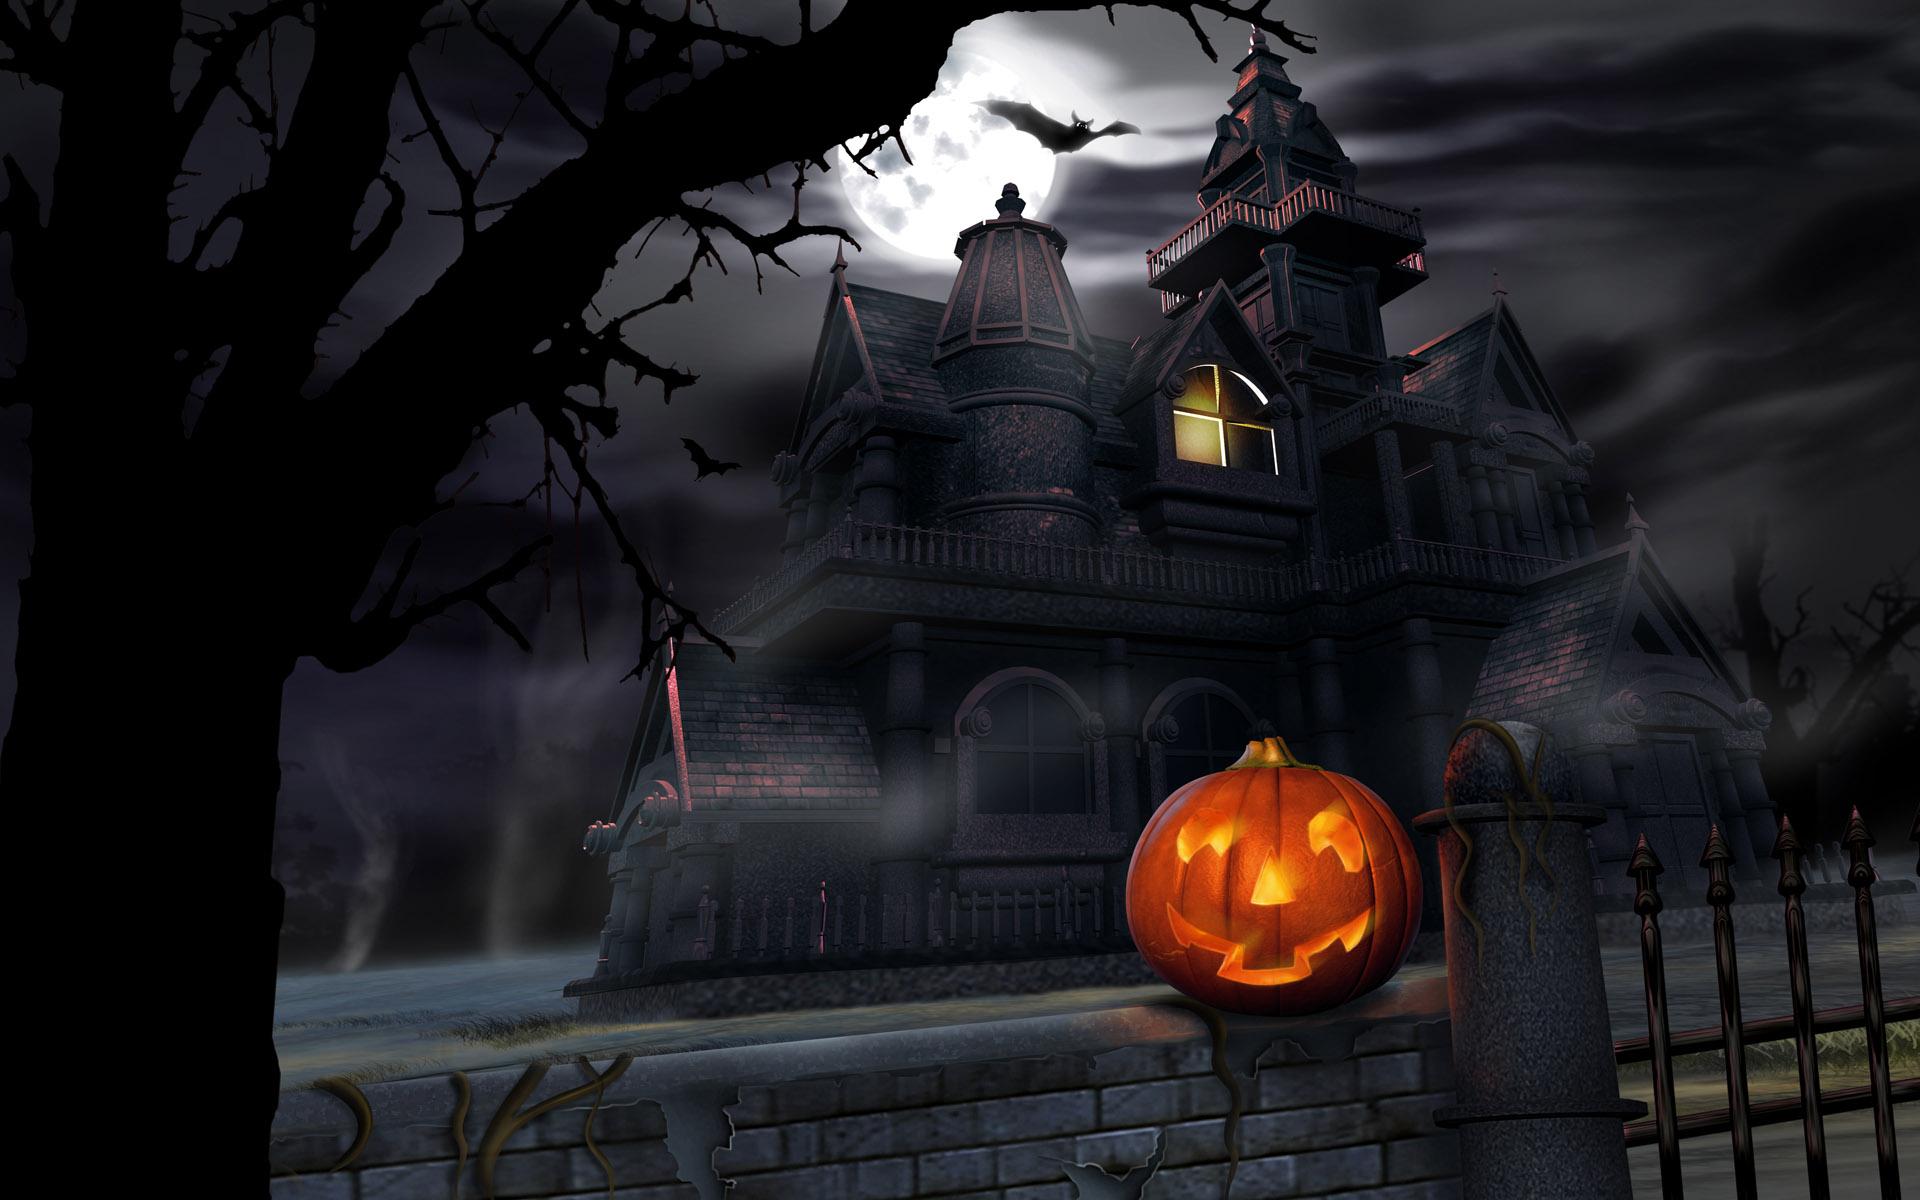 http://1.bp.blogspot.com/_w8vdEmYC4Kc/TPnvpHTRV1I/AAAAAAAAAWU/BZcjoniEYHo/d/Halloween+Crazy+Pumpkins+1920+x+1200_19+%255Bby+HRWalls%255D.jpg